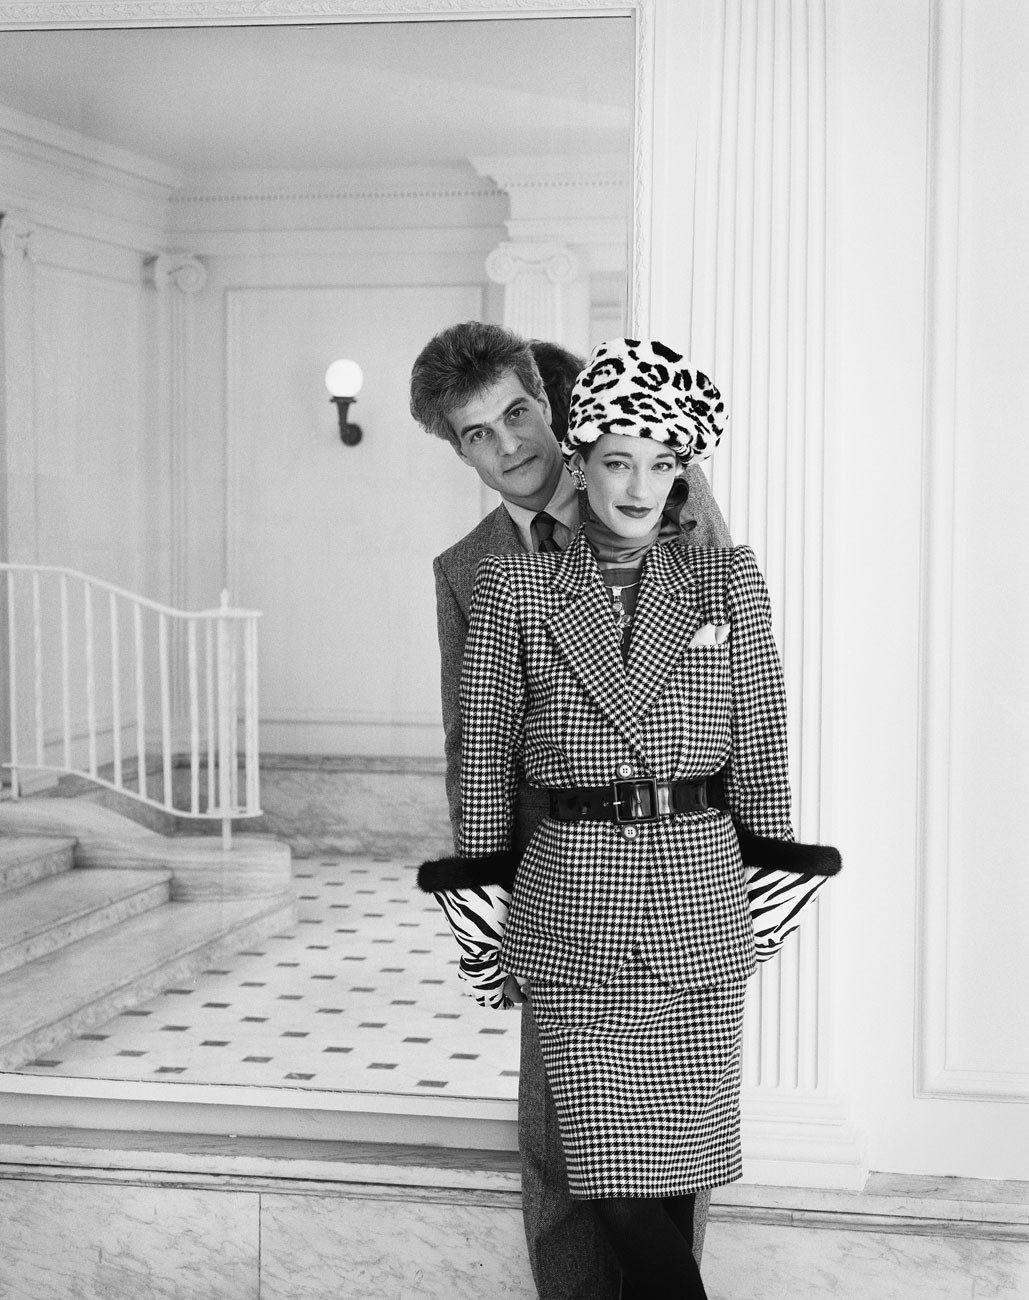 Loulou de la Falaise and Thadee Klossowski (<em>Interview</em> magazine), New York, 1983.